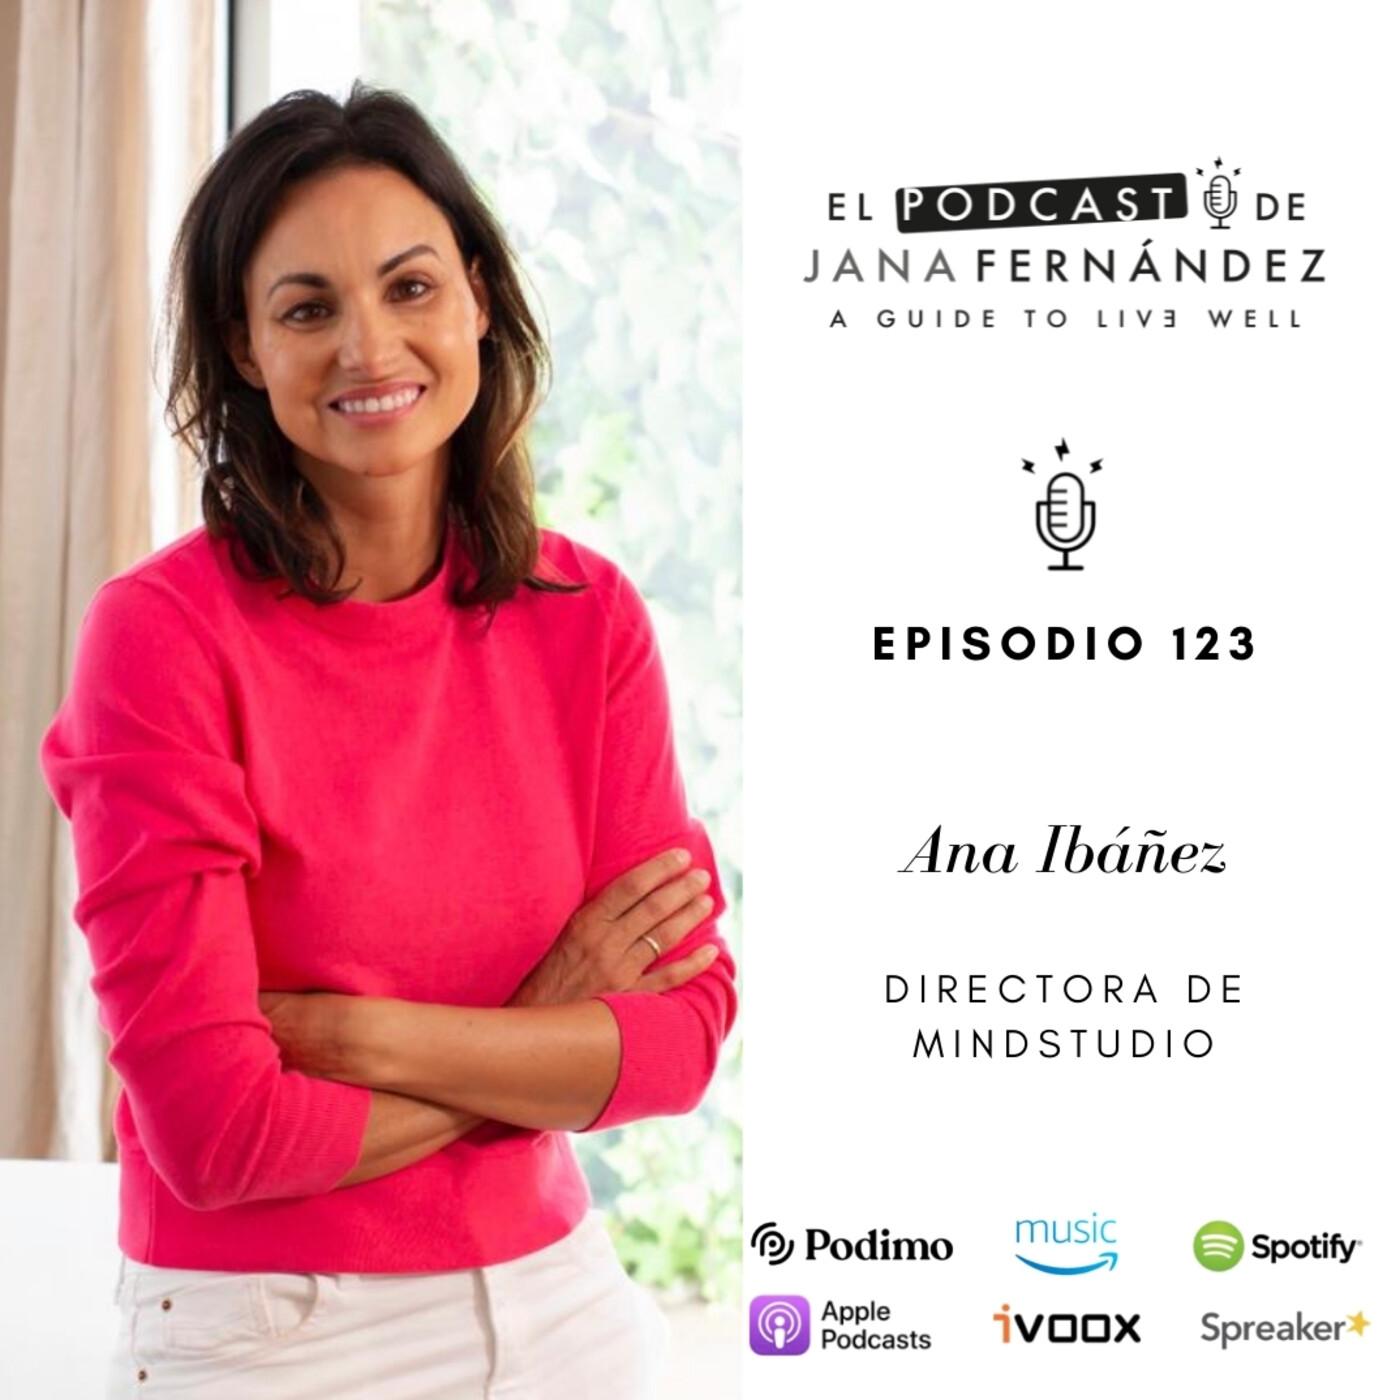 Privación de sueño y capacidad cognitiva en niños y adolescentes, con Ana Ibáñez